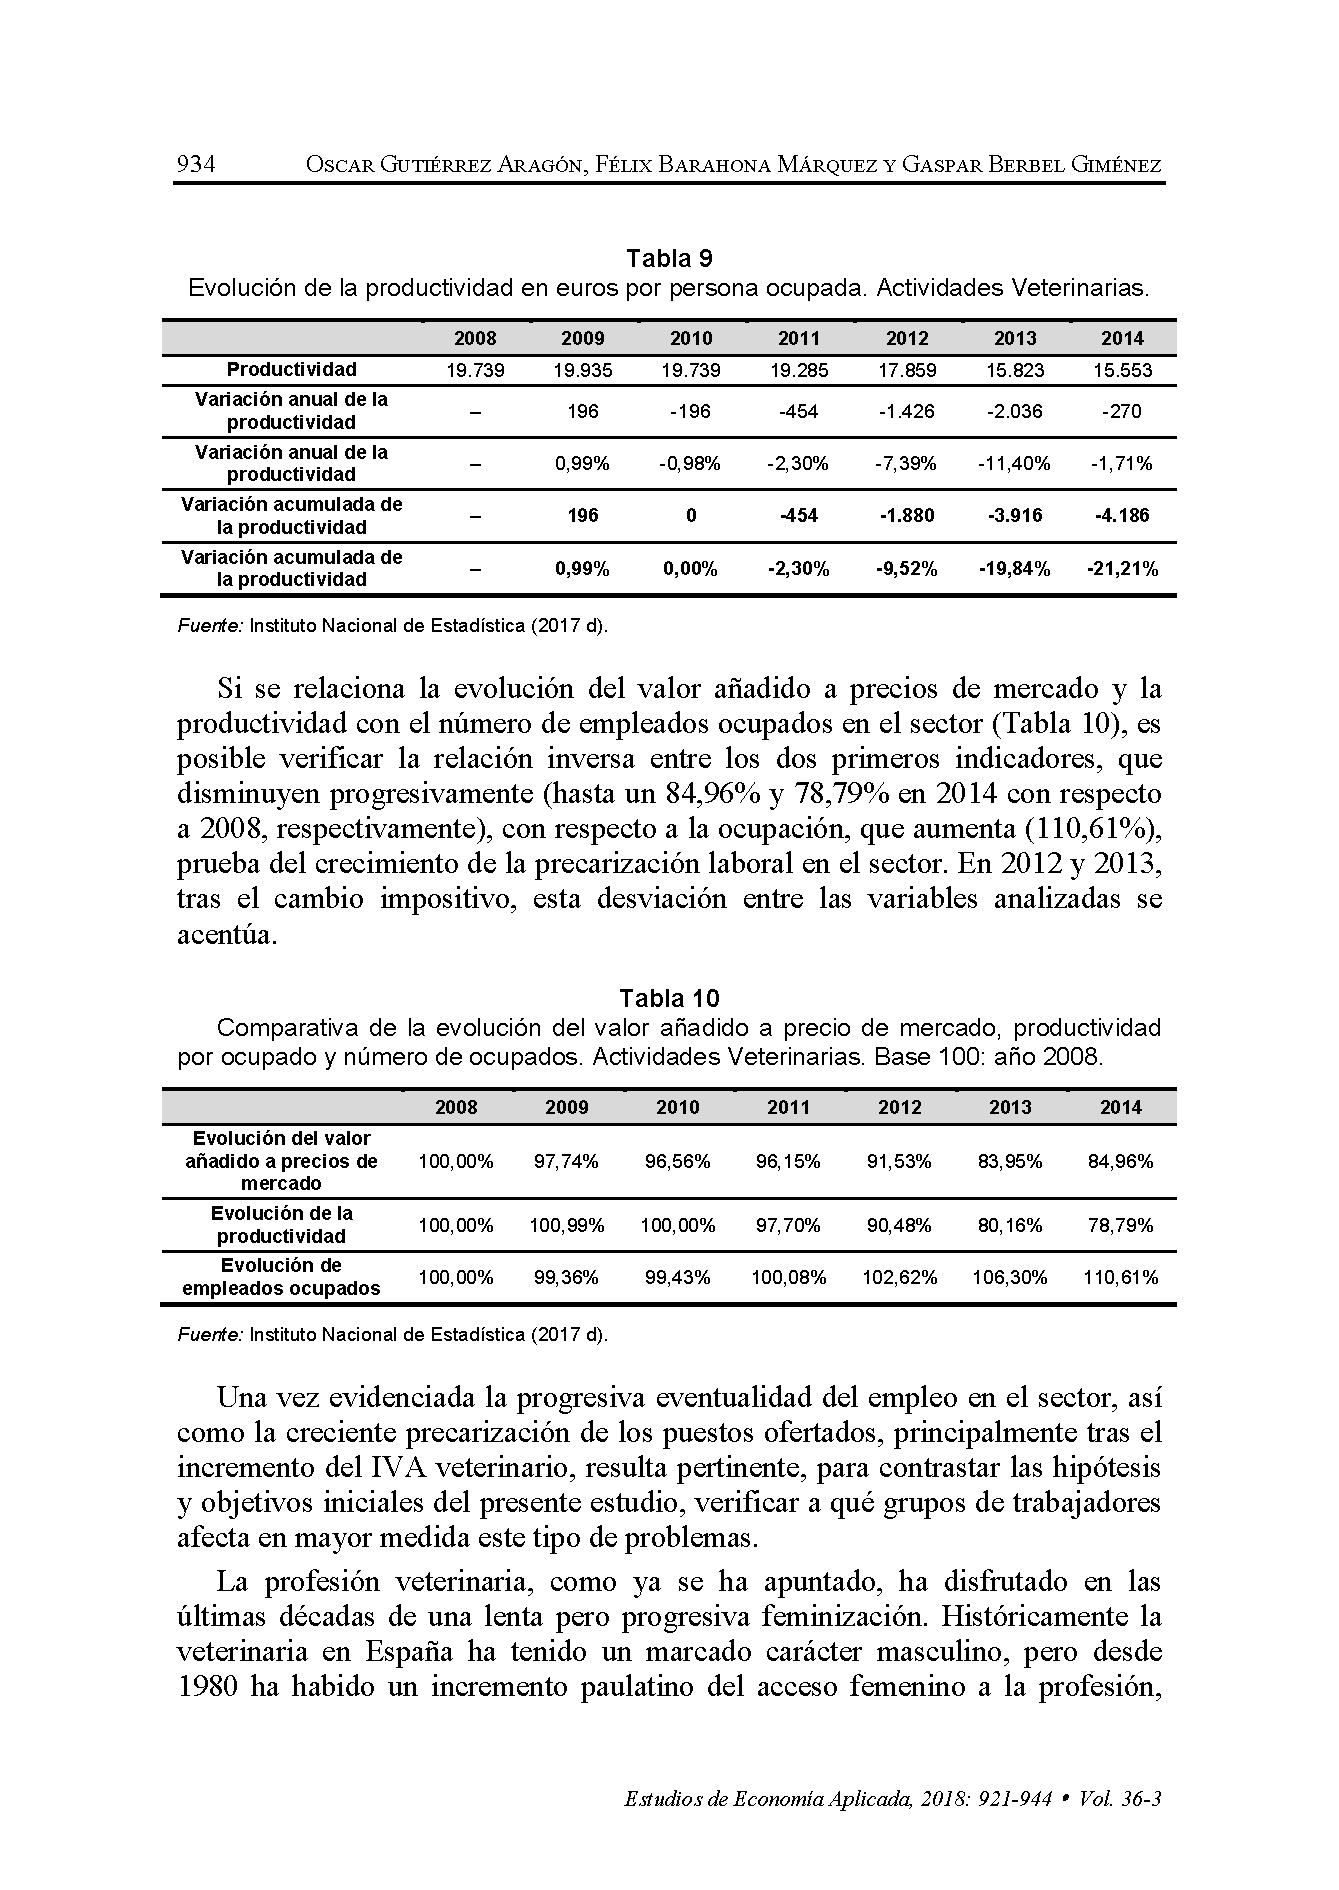 Efectos incremento IVA sobre condiciones laborales sector veterinario (EEA)_Página_14